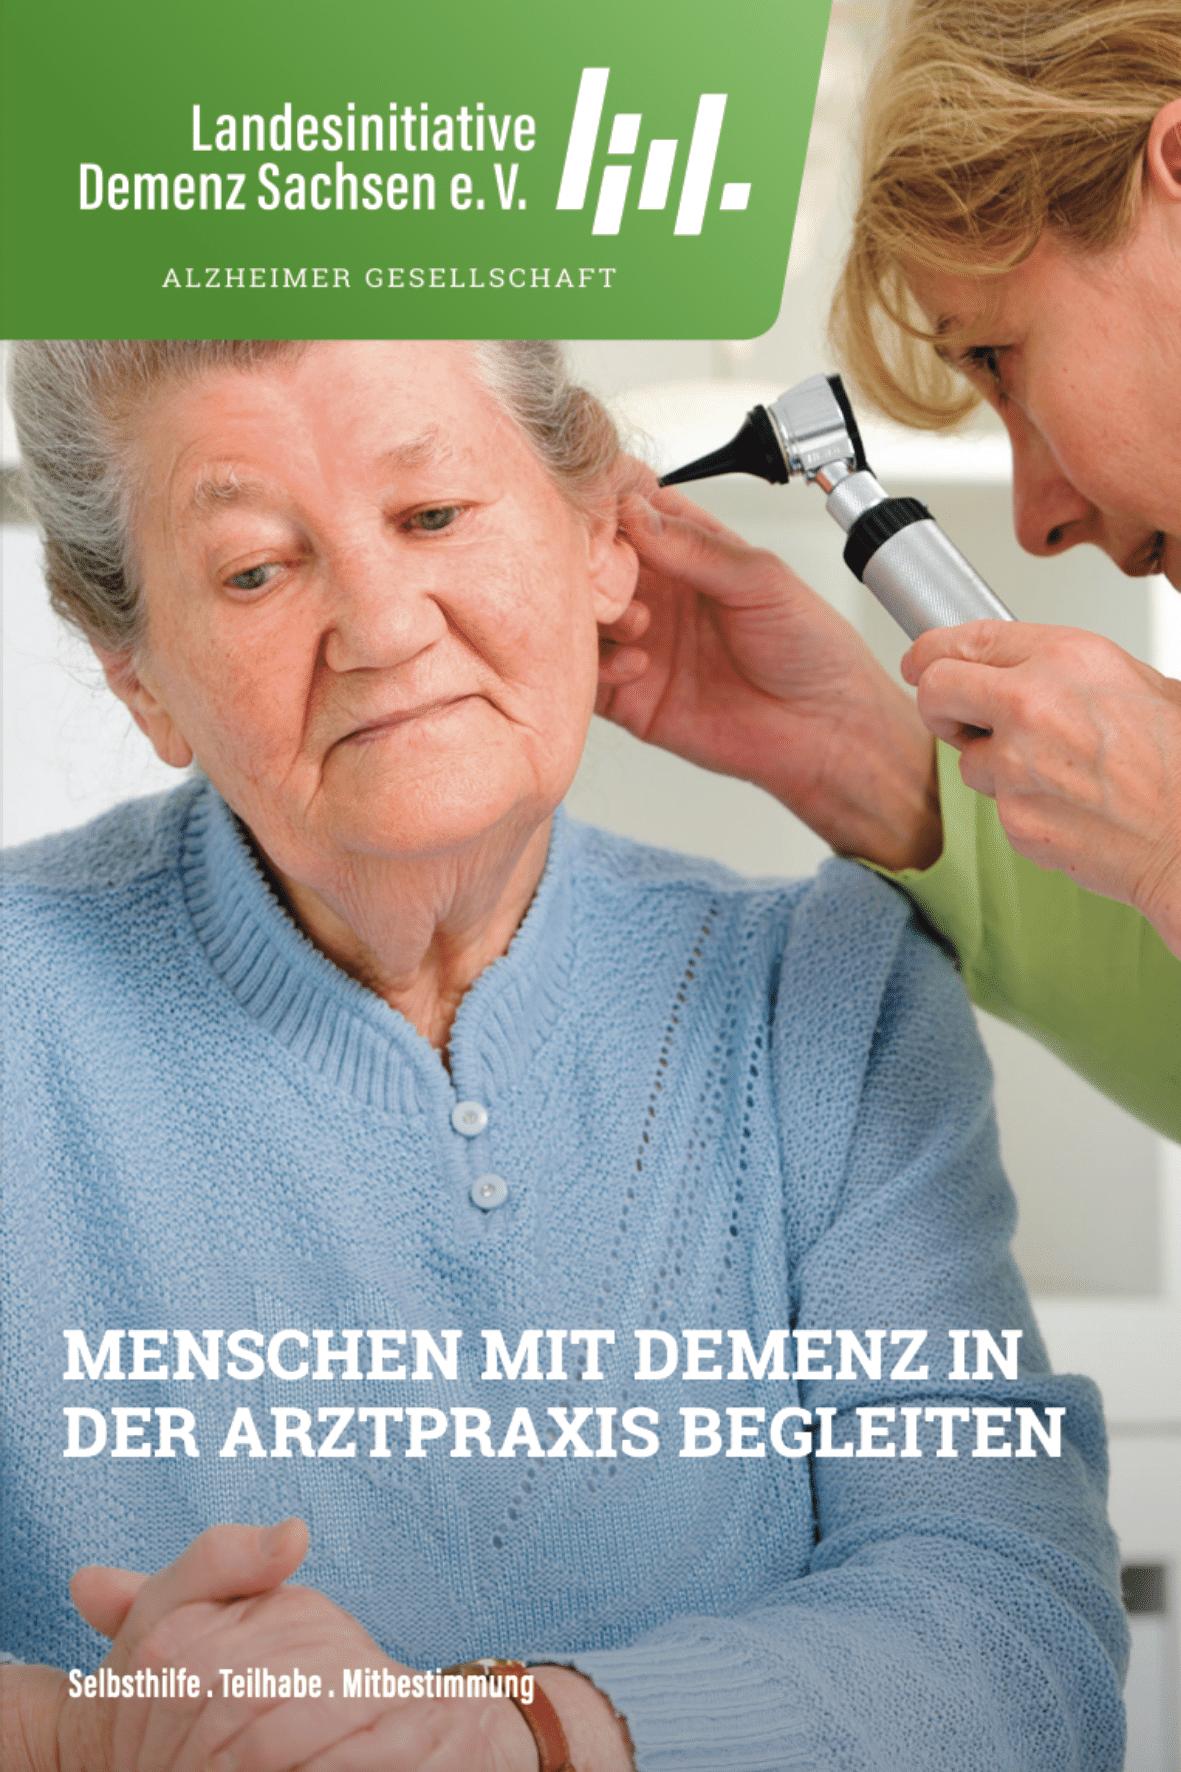 Broschüre-Menschen-mit-demenz-in-Arztpraxis